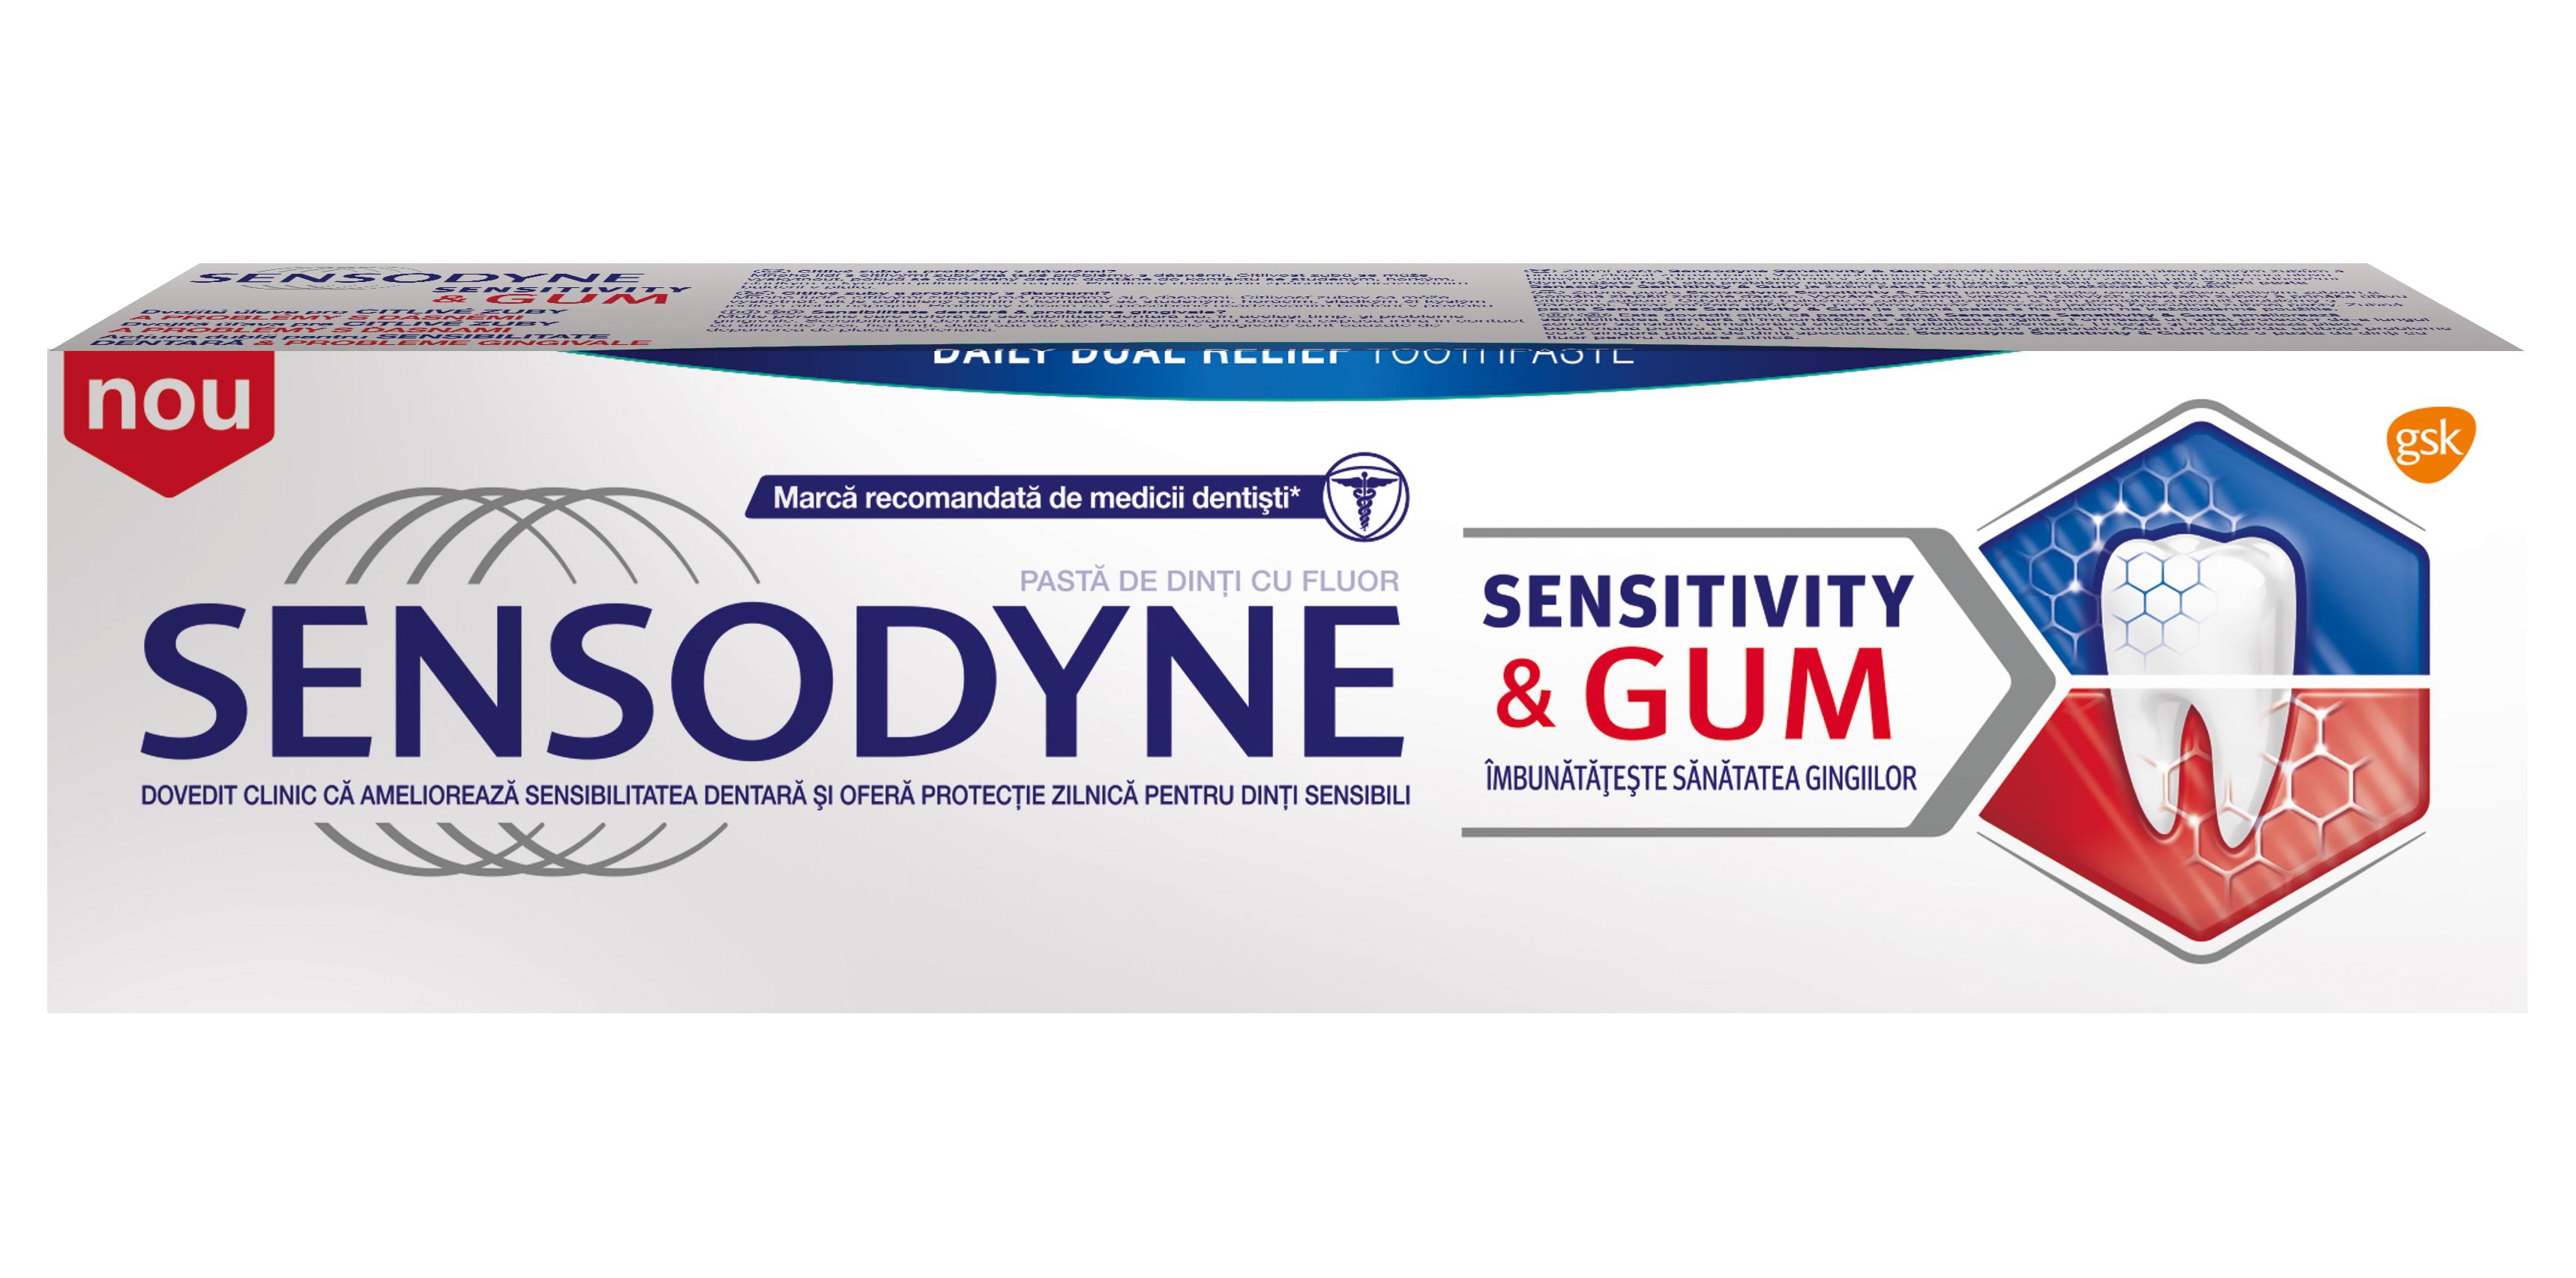 Inovaţie Sensodyne – noua pastă de dinţi Sensitivity & Gum